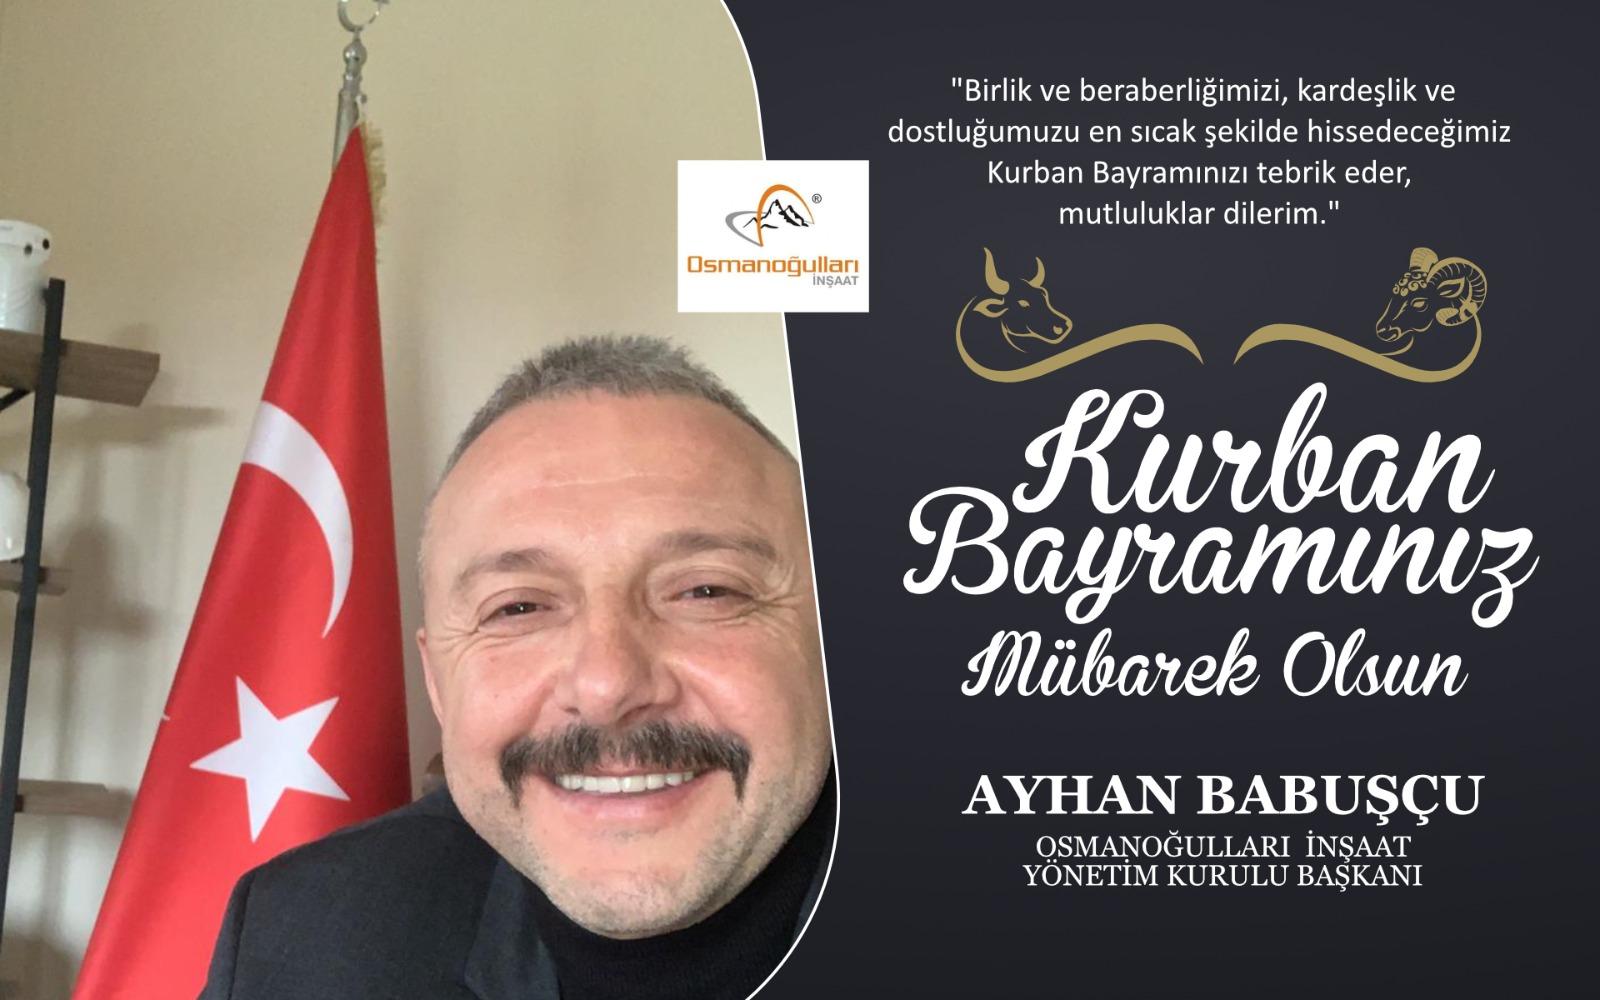 Ayhan Babuşcu'dan Kurban Bayramı Kutlama Mesajı